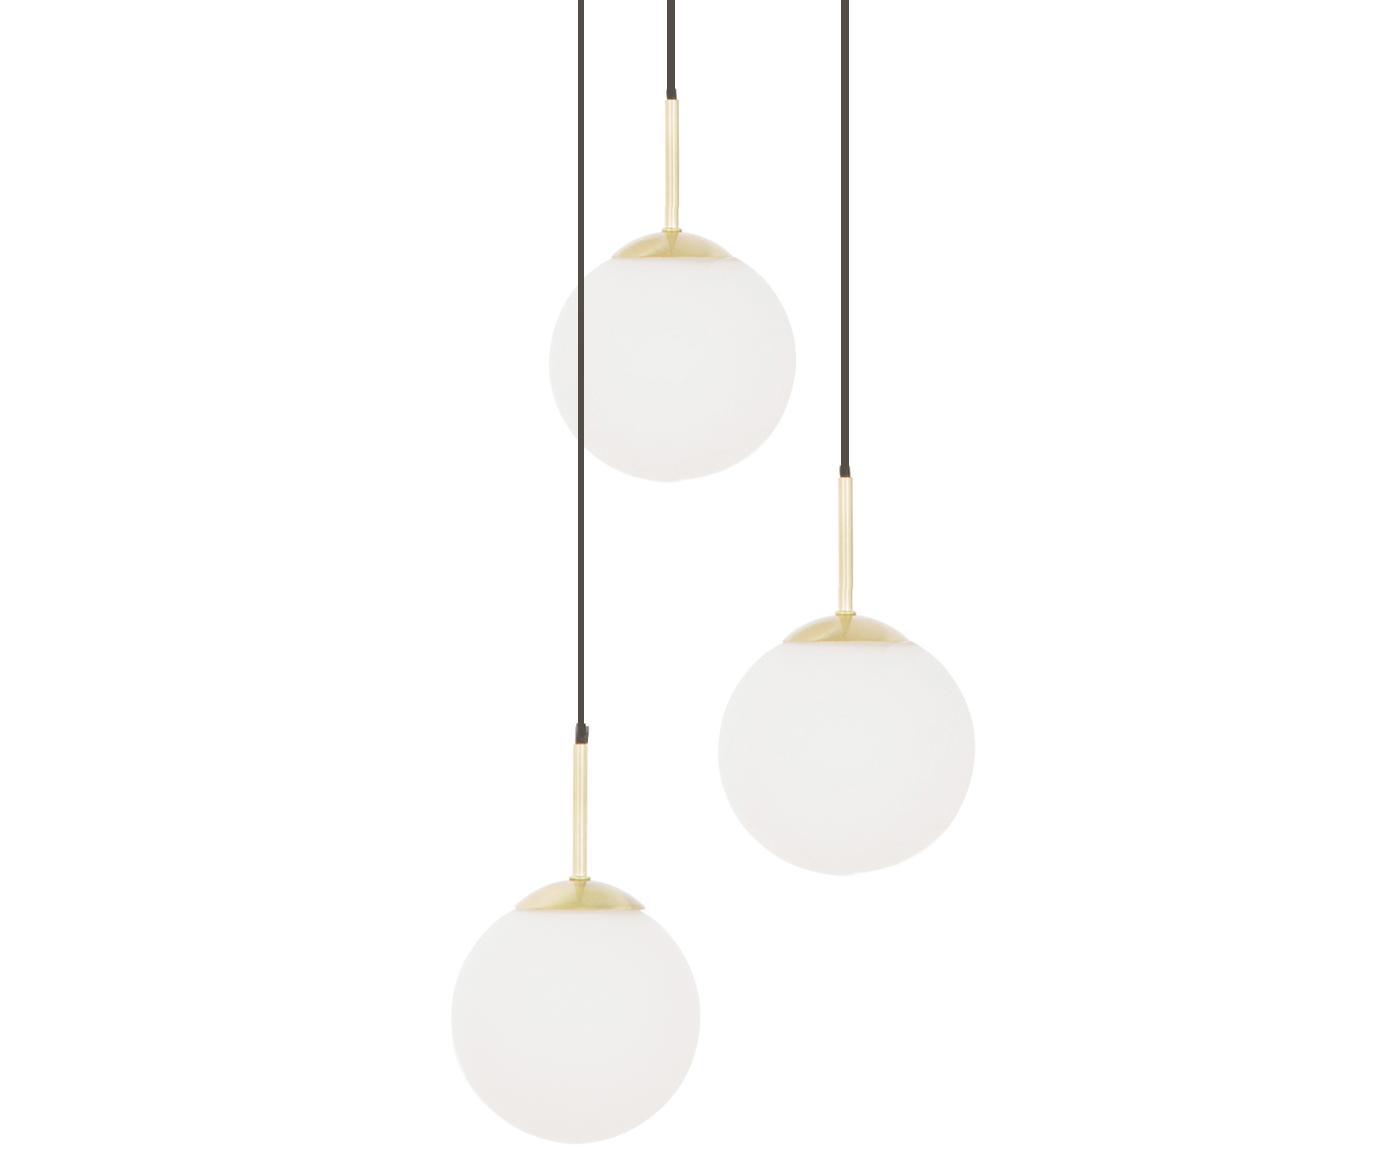 Lampa wisząca Edie, Biały, mosiądz, Ø 30 cm